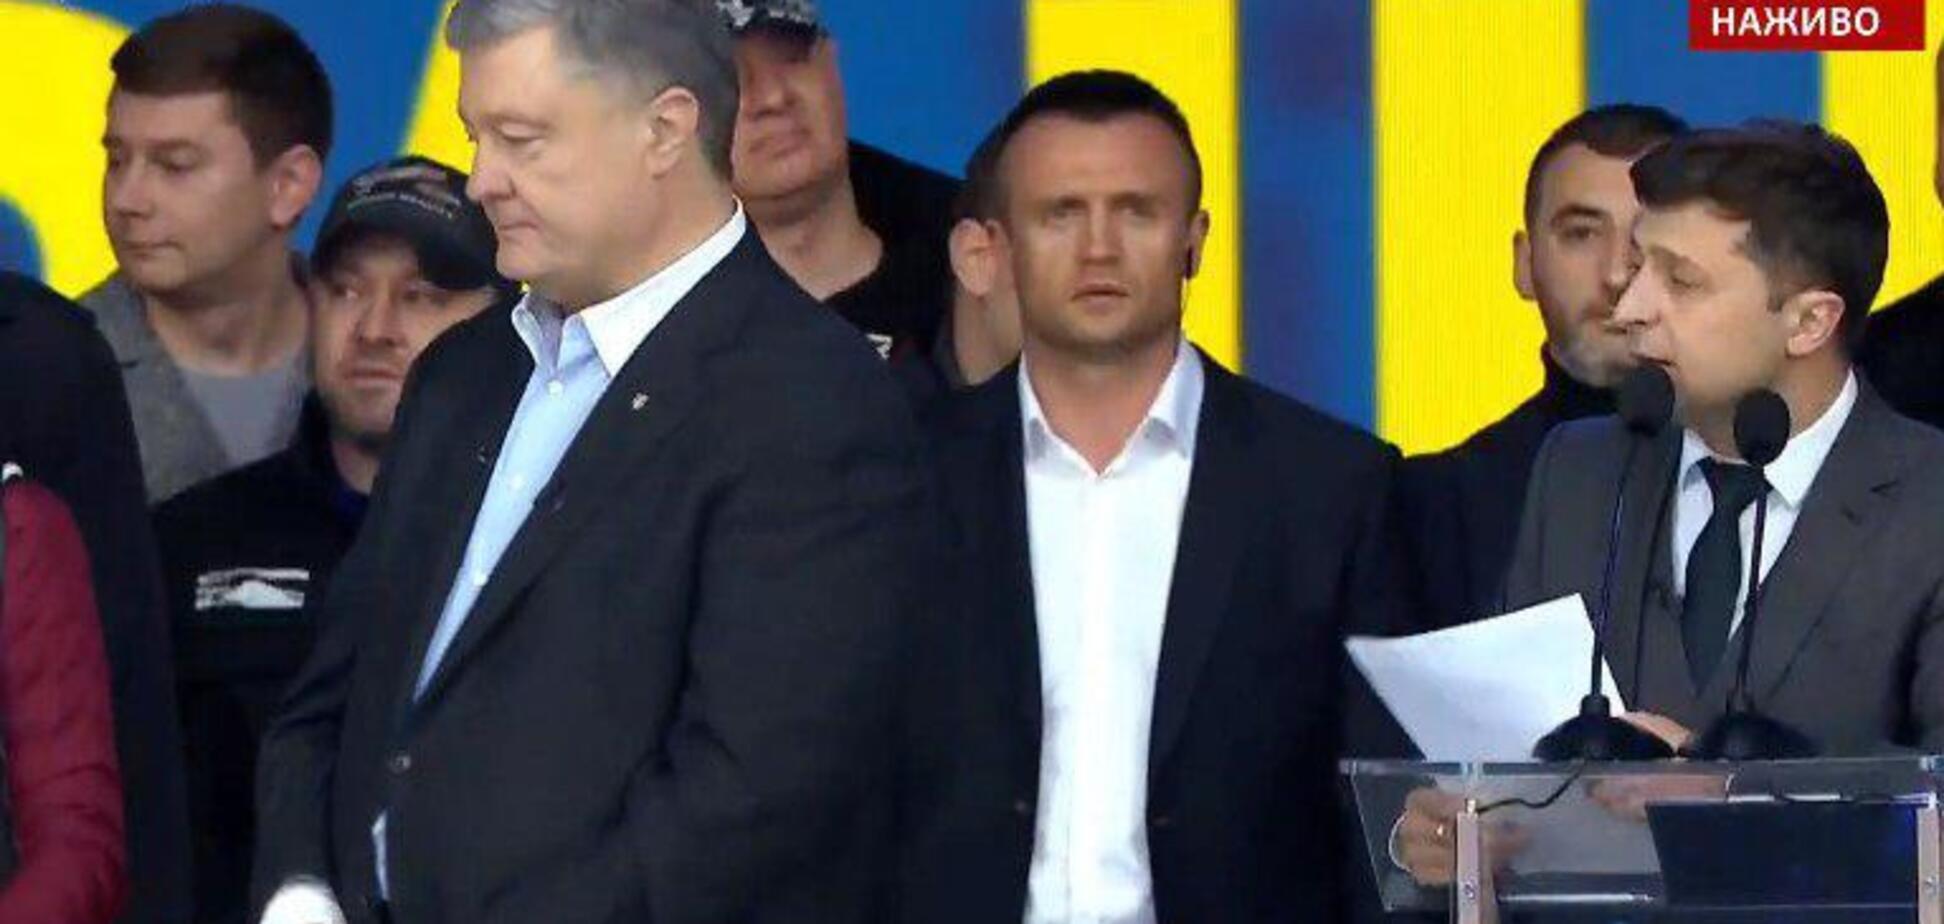 Дебати на 'Олімпійському': Зеленський поставив Порошенку гострі запитання